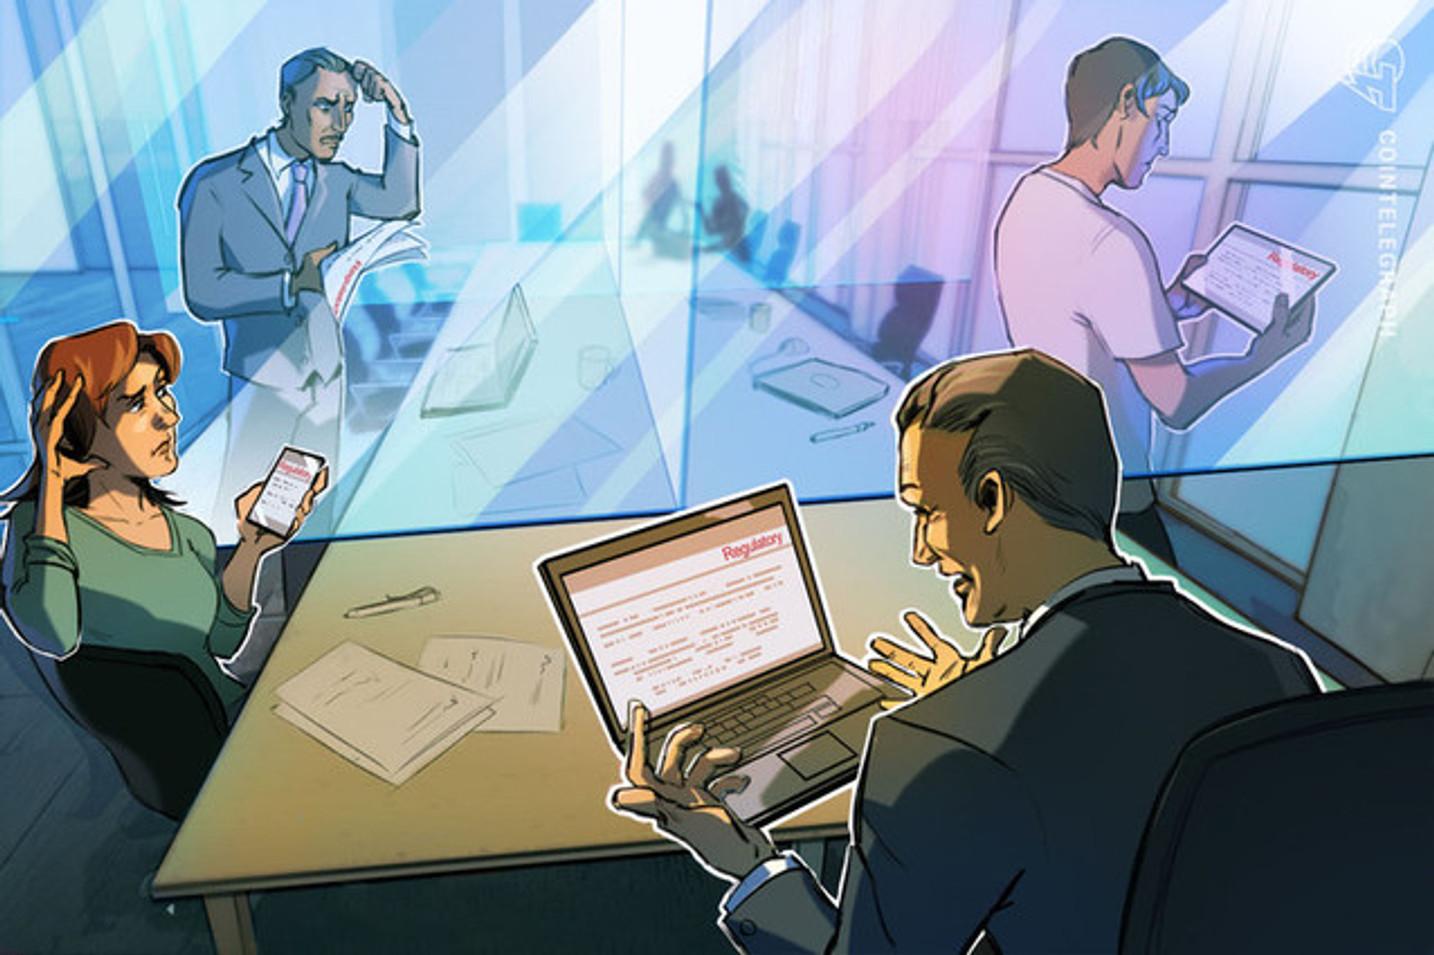 Dopo l'attacco hacker, 2gether continua a lavorare sui risarcimenti